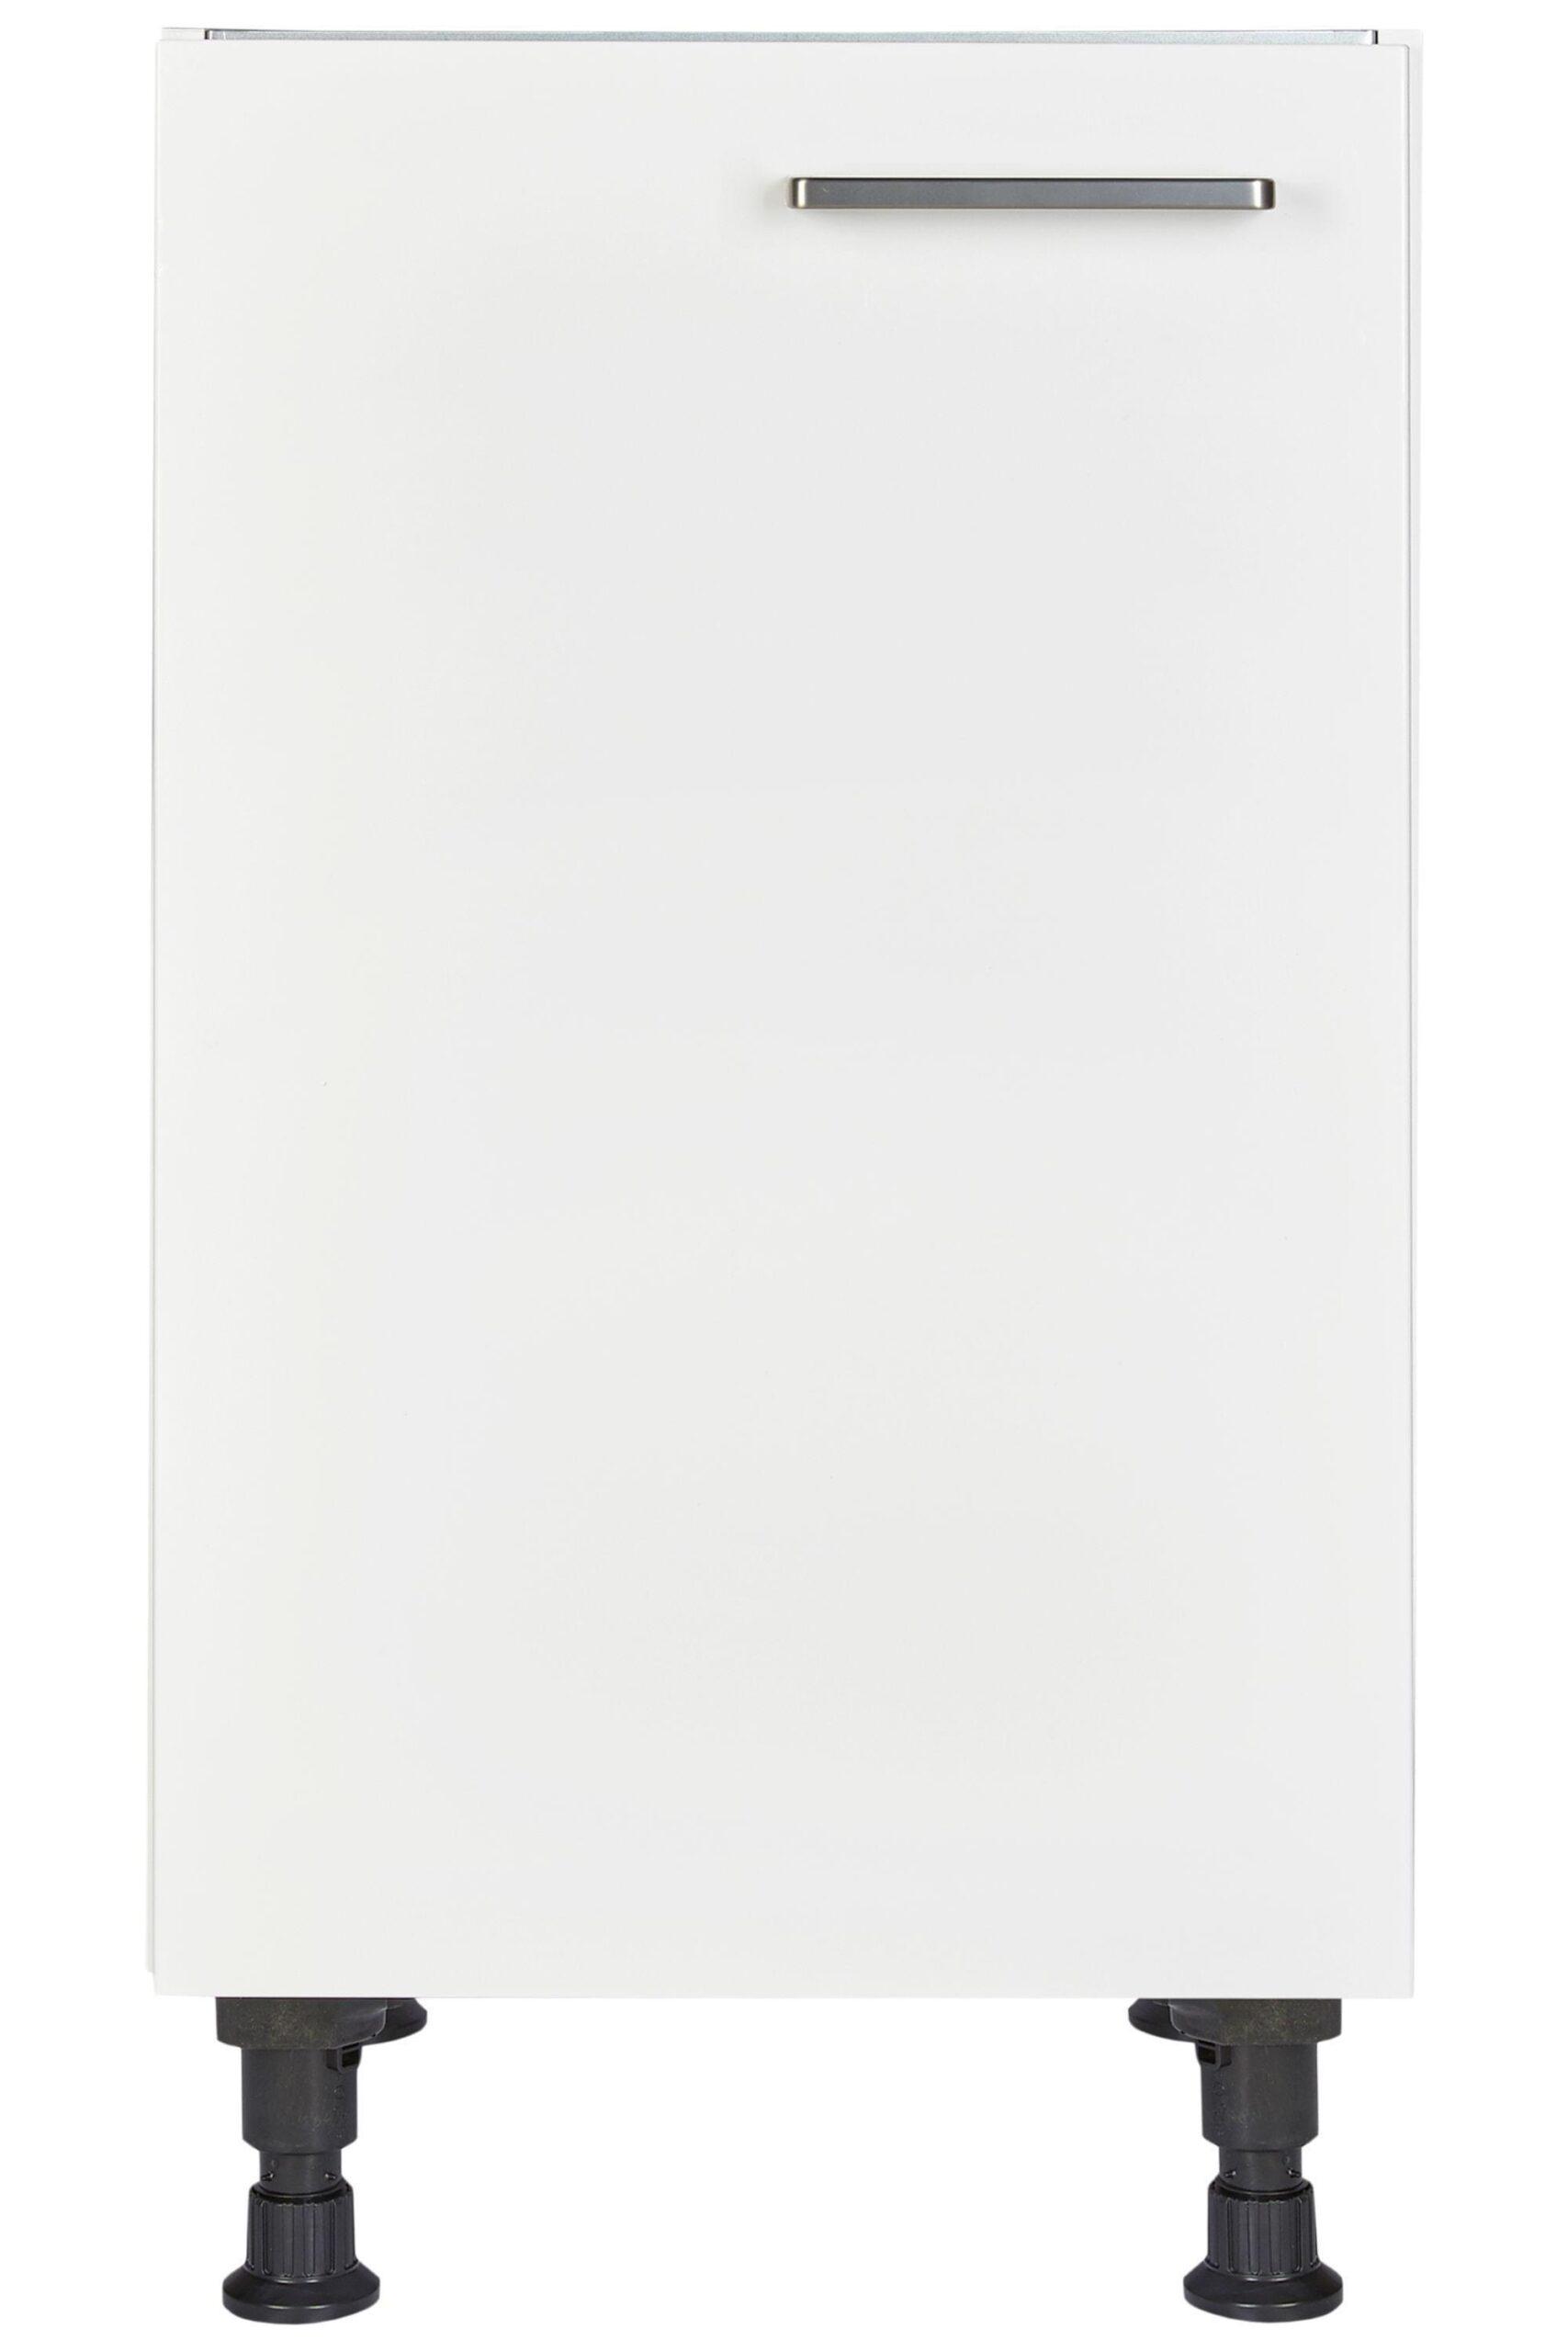 Full Size of Küchenspüle Mit Unterschrank Nobilia Splenschrank 45cm Badezimmer Bett Matratze Und Lattenrost Sofa Abnehmbaren Bezug Bad Spiegelschrank Beleuchtung Wohnzimmer Küchenspüle Mit Unterschrank